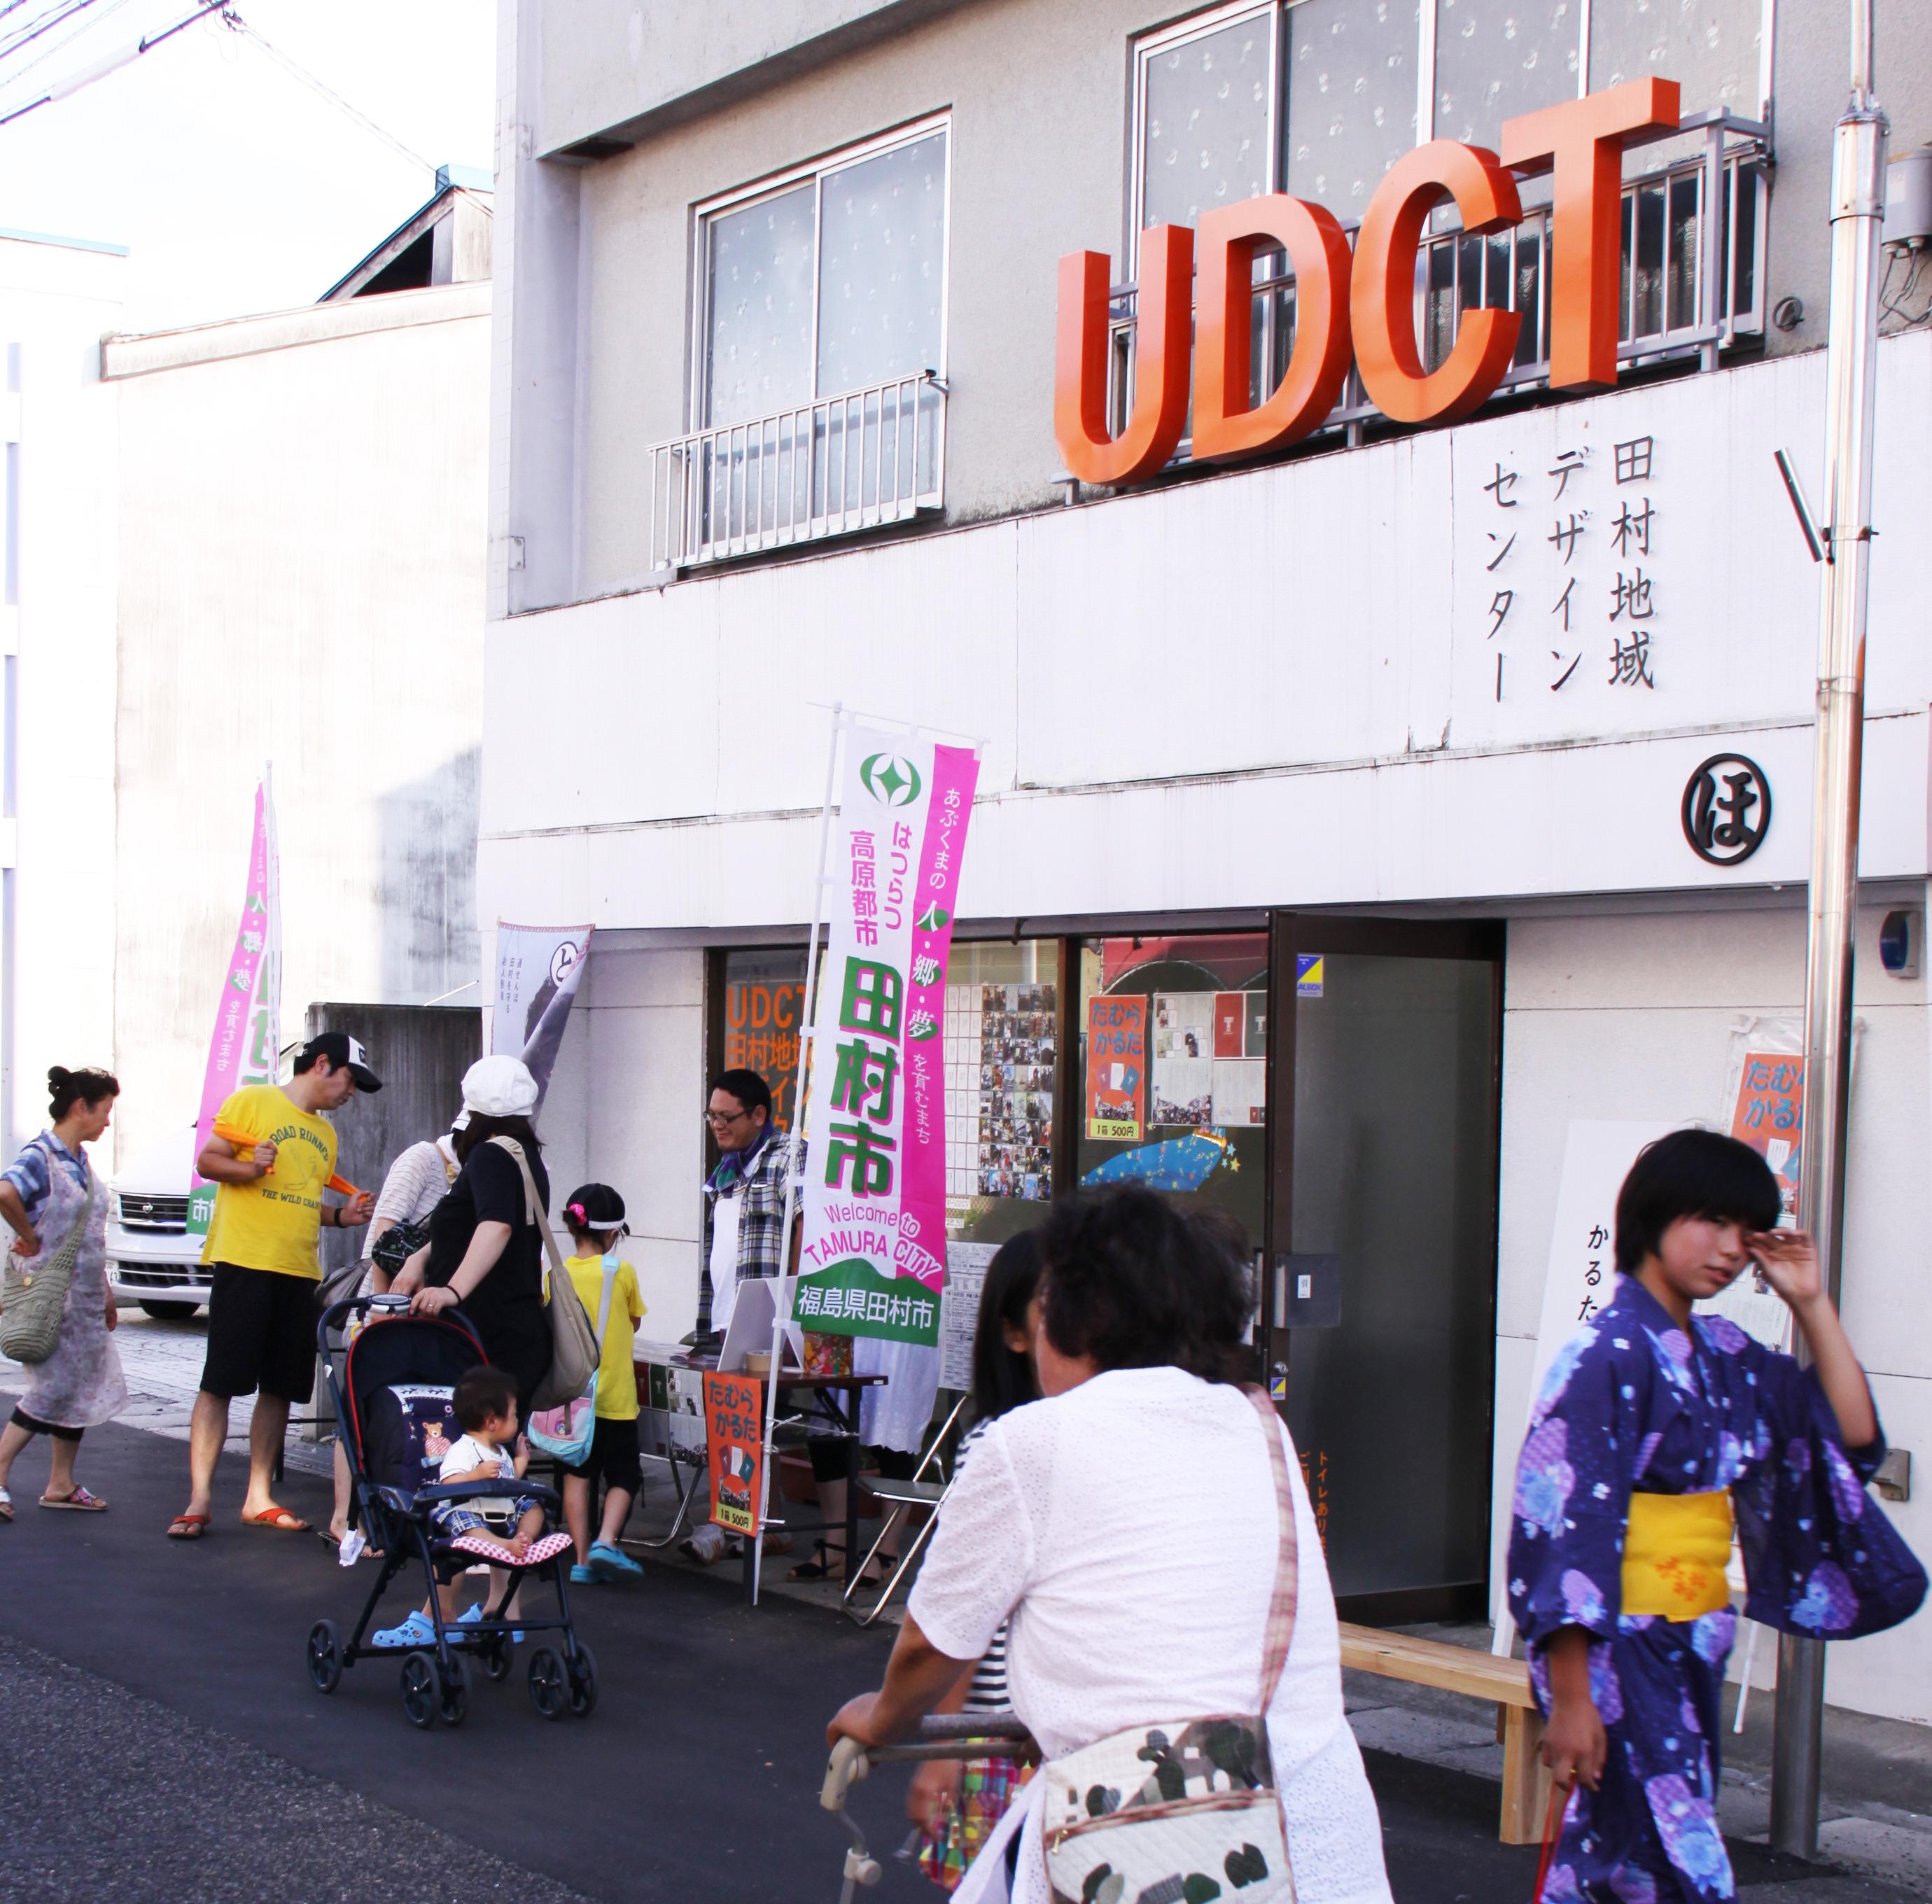 田村地域デザインセンター(UDCT)の運営(2008-)